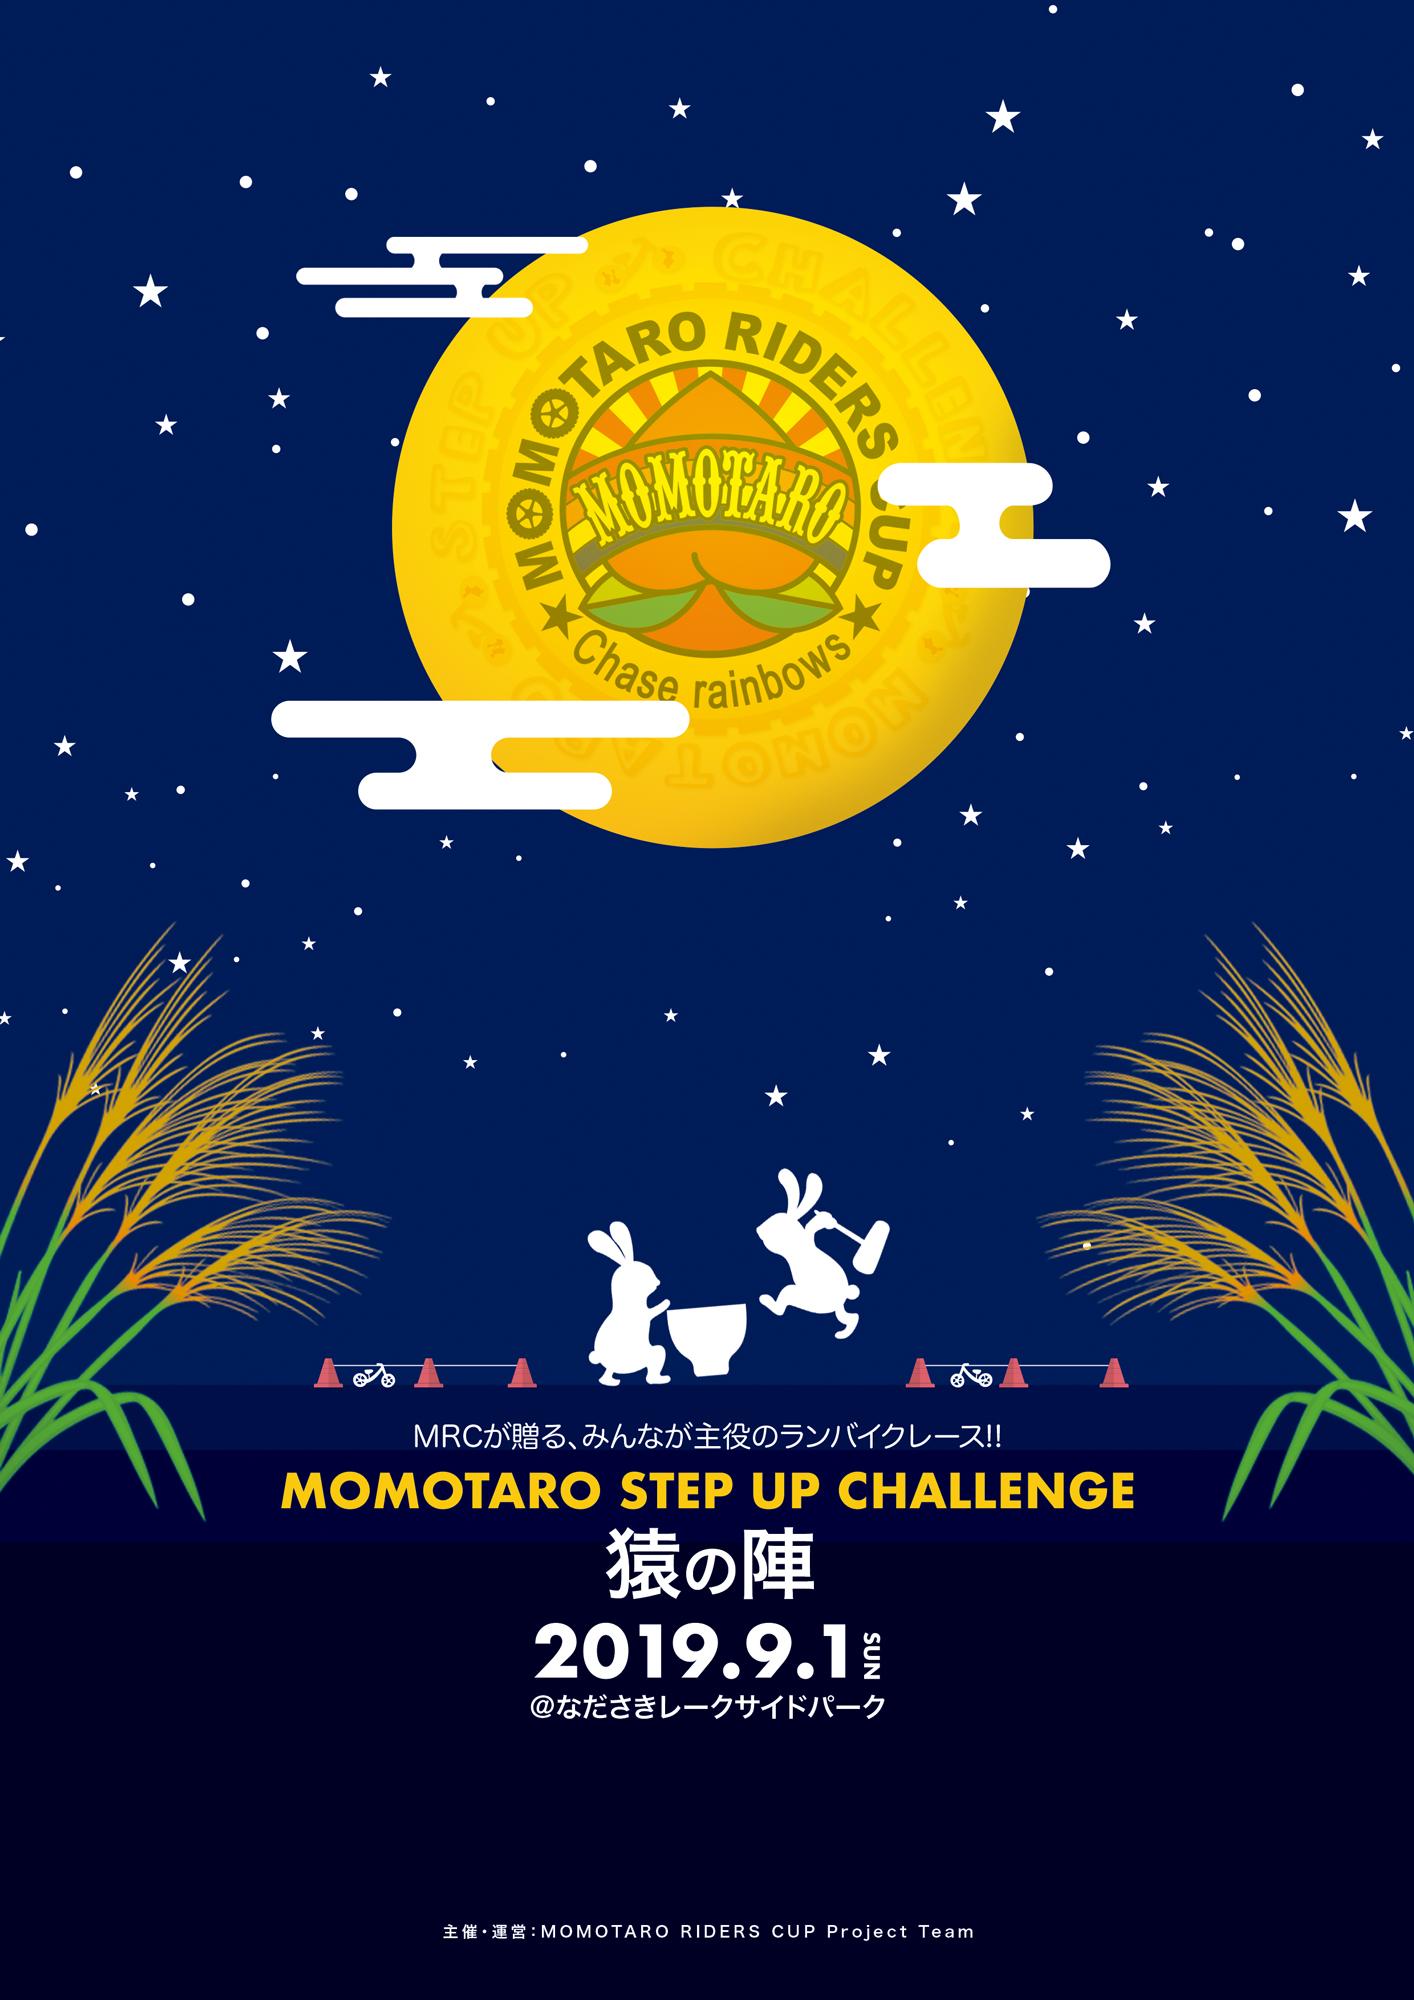 2019 モモチャレ 猿の陣 大会終了のお礼